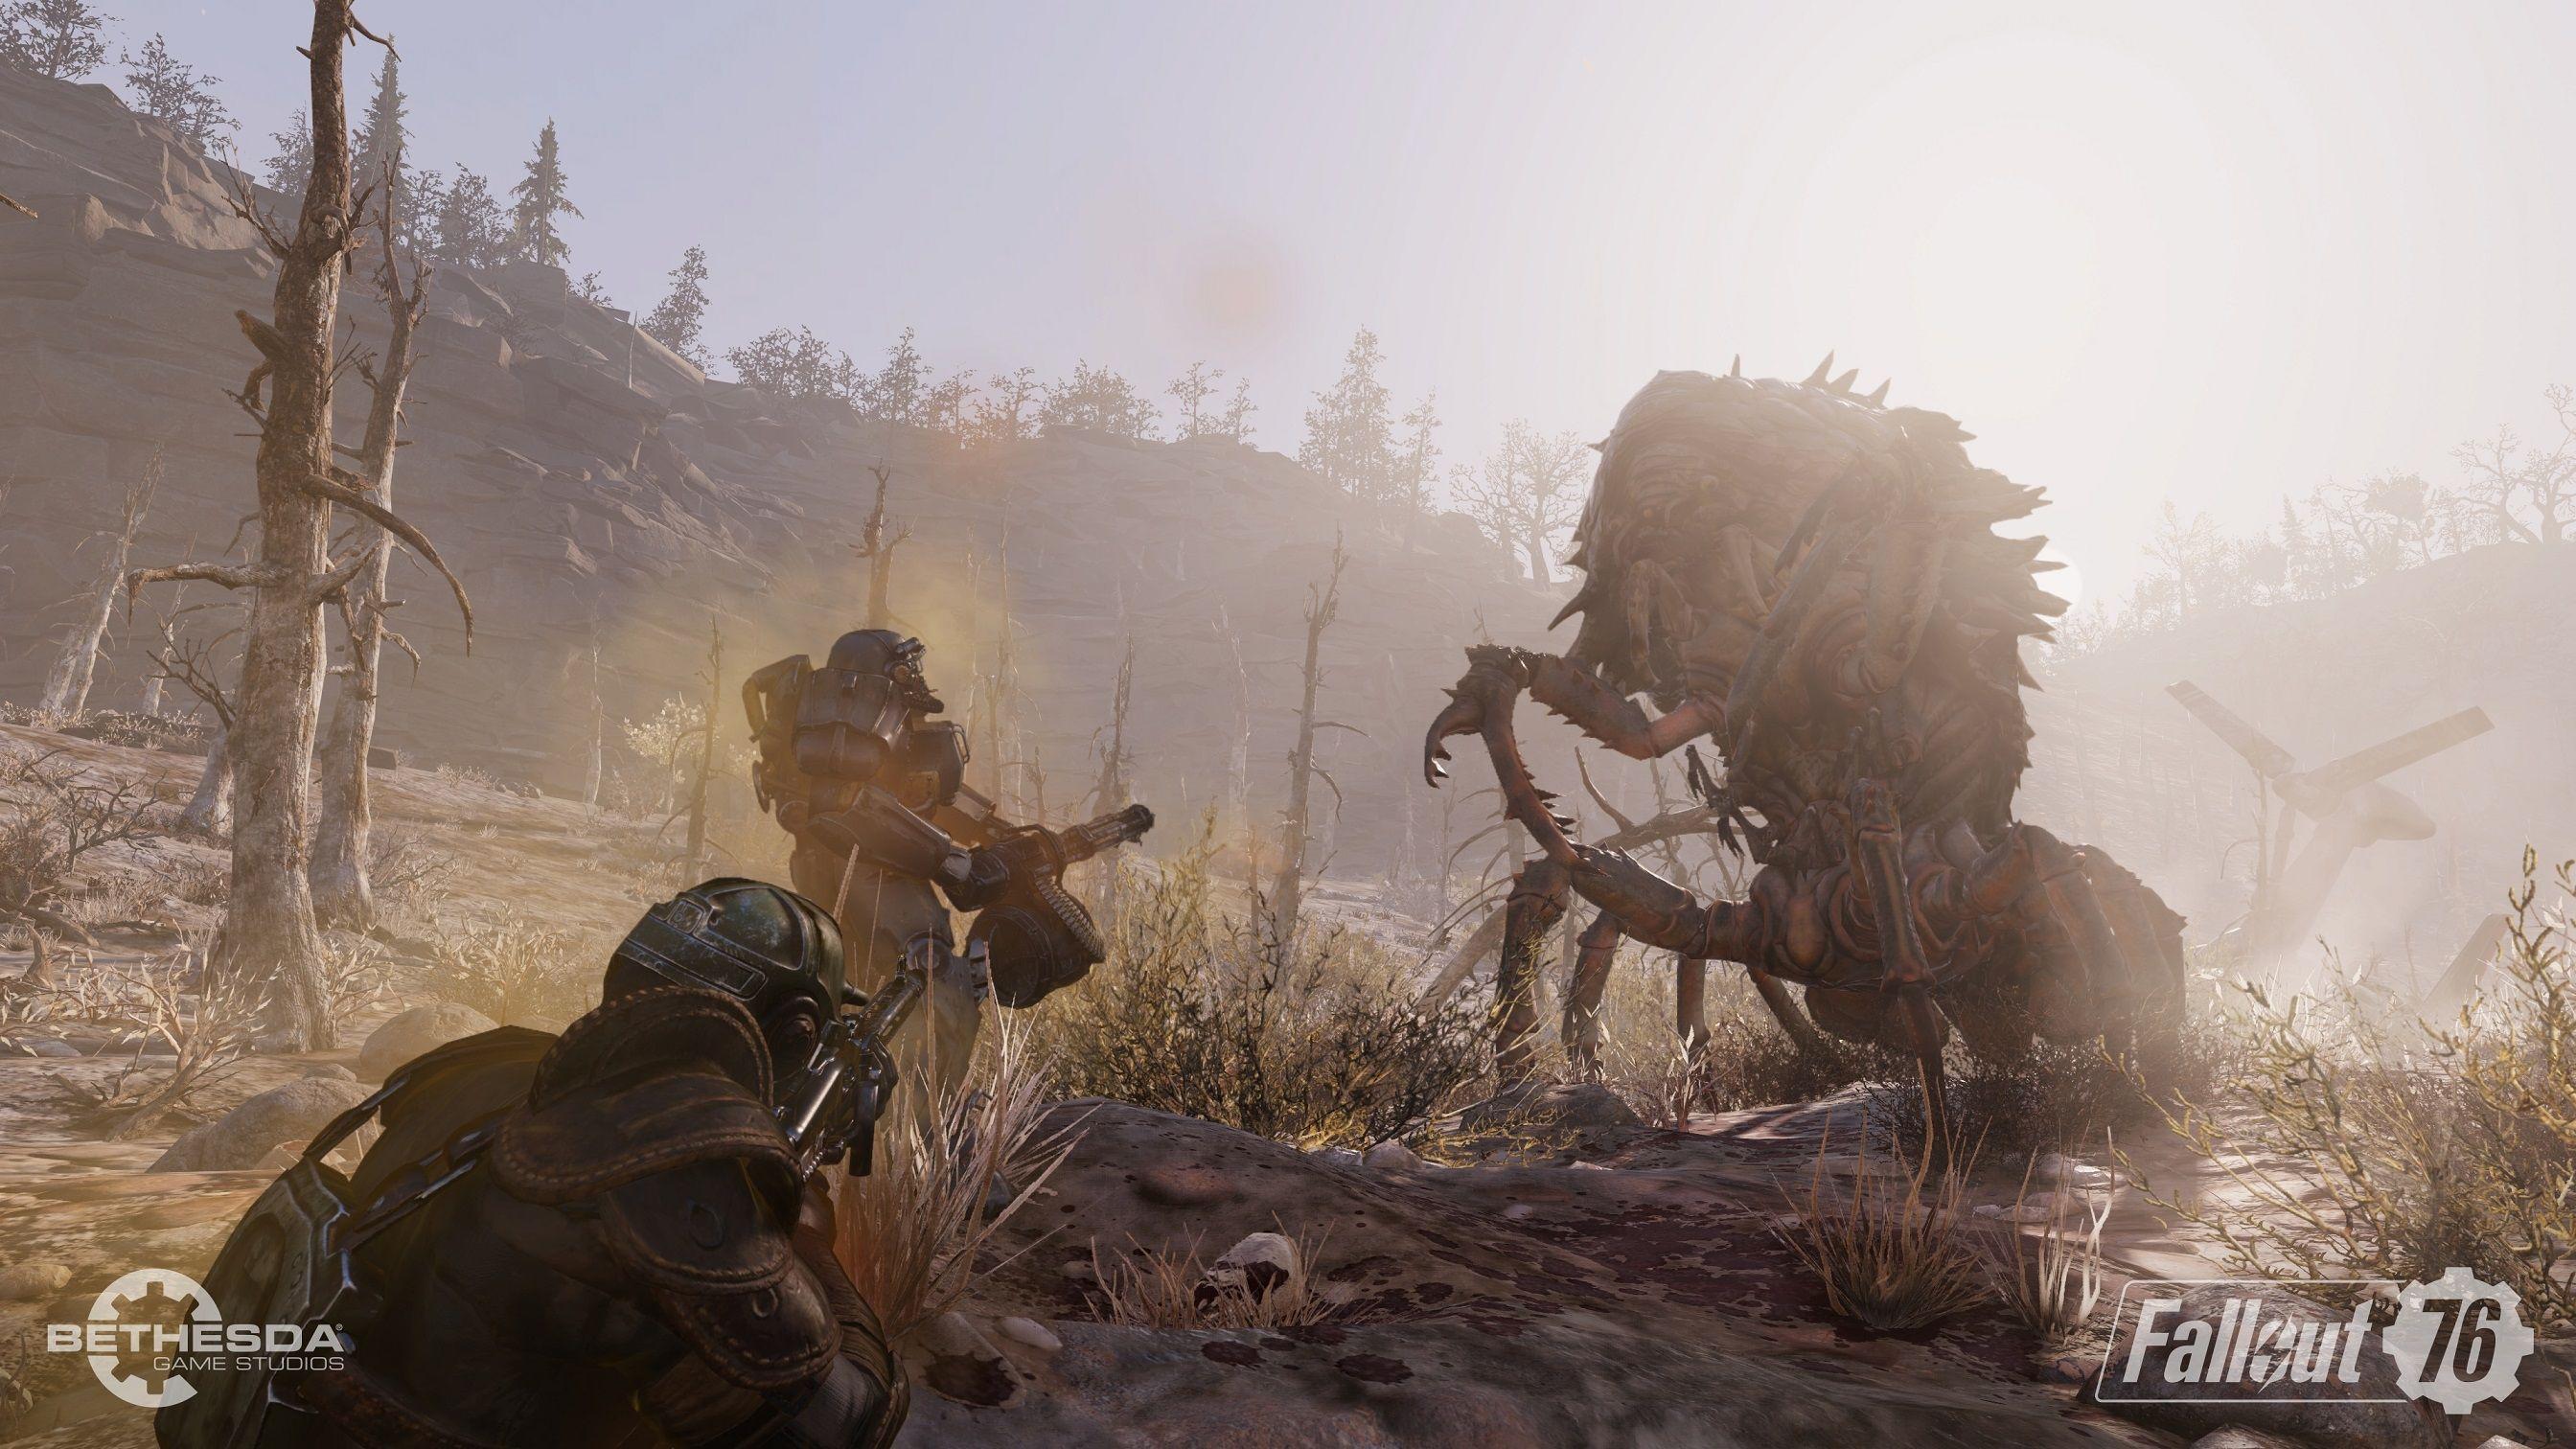 Fallout 76 (PC) - 8